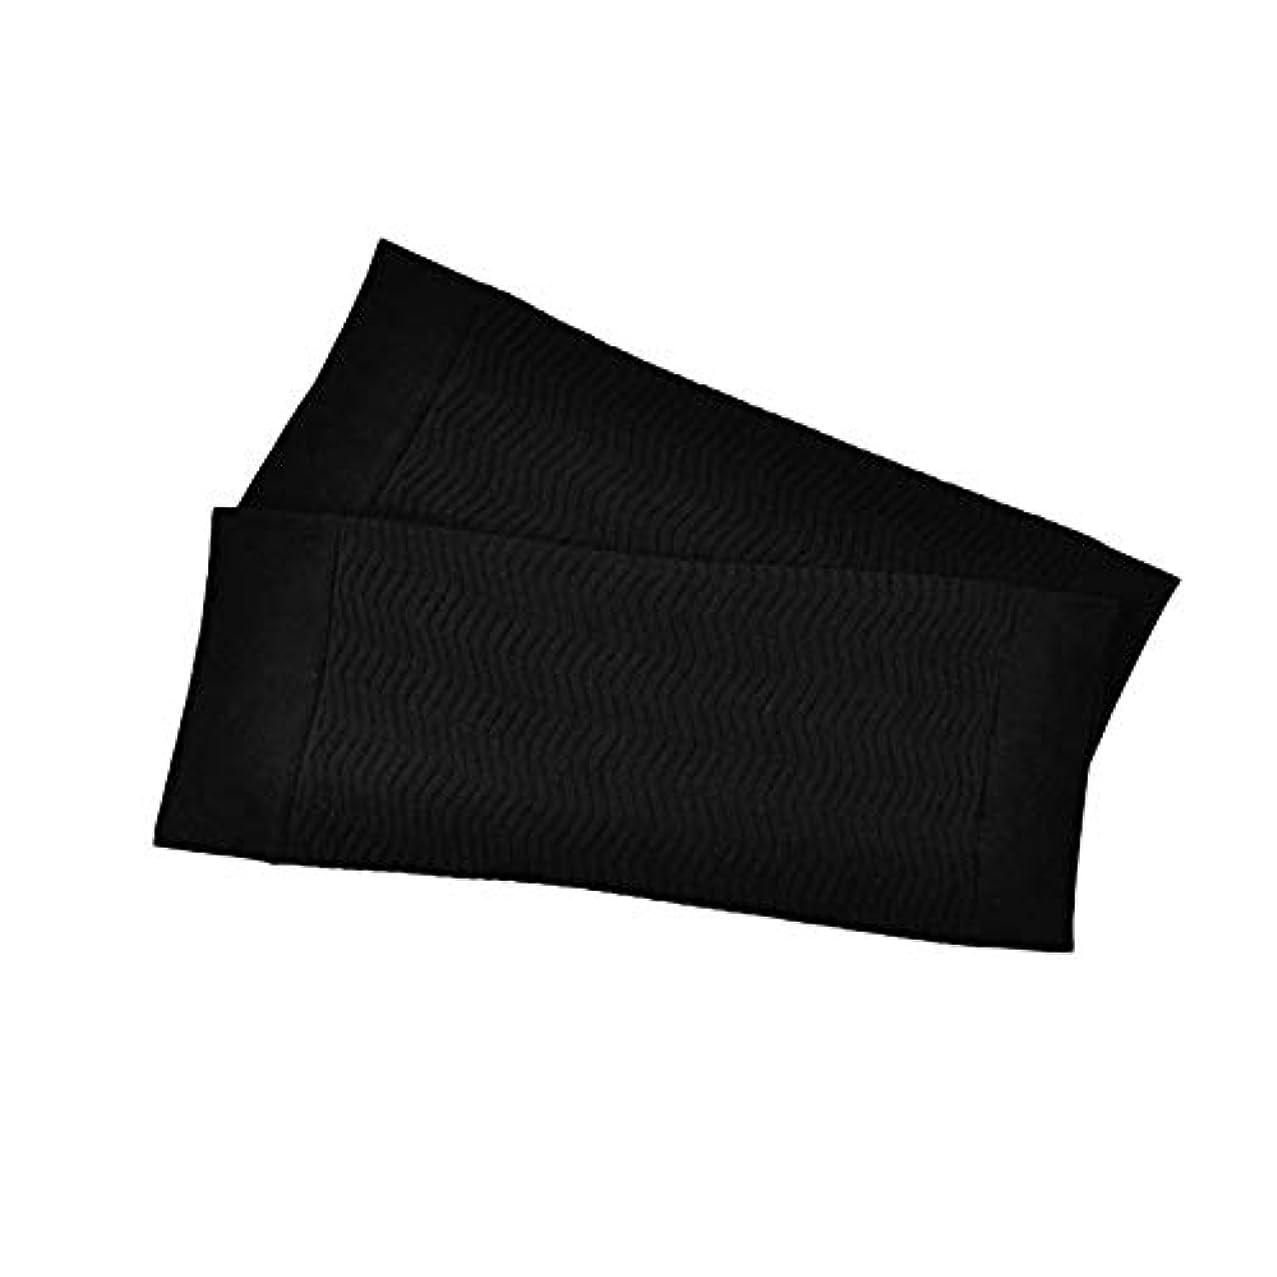 かろうじて提案ペネロペ1ペア680 d圧縮アームシェイパーワークアウトトーニングバーンセルライト痩身アームスリーブ脂肪燃焼半袖用女性(Color:black)